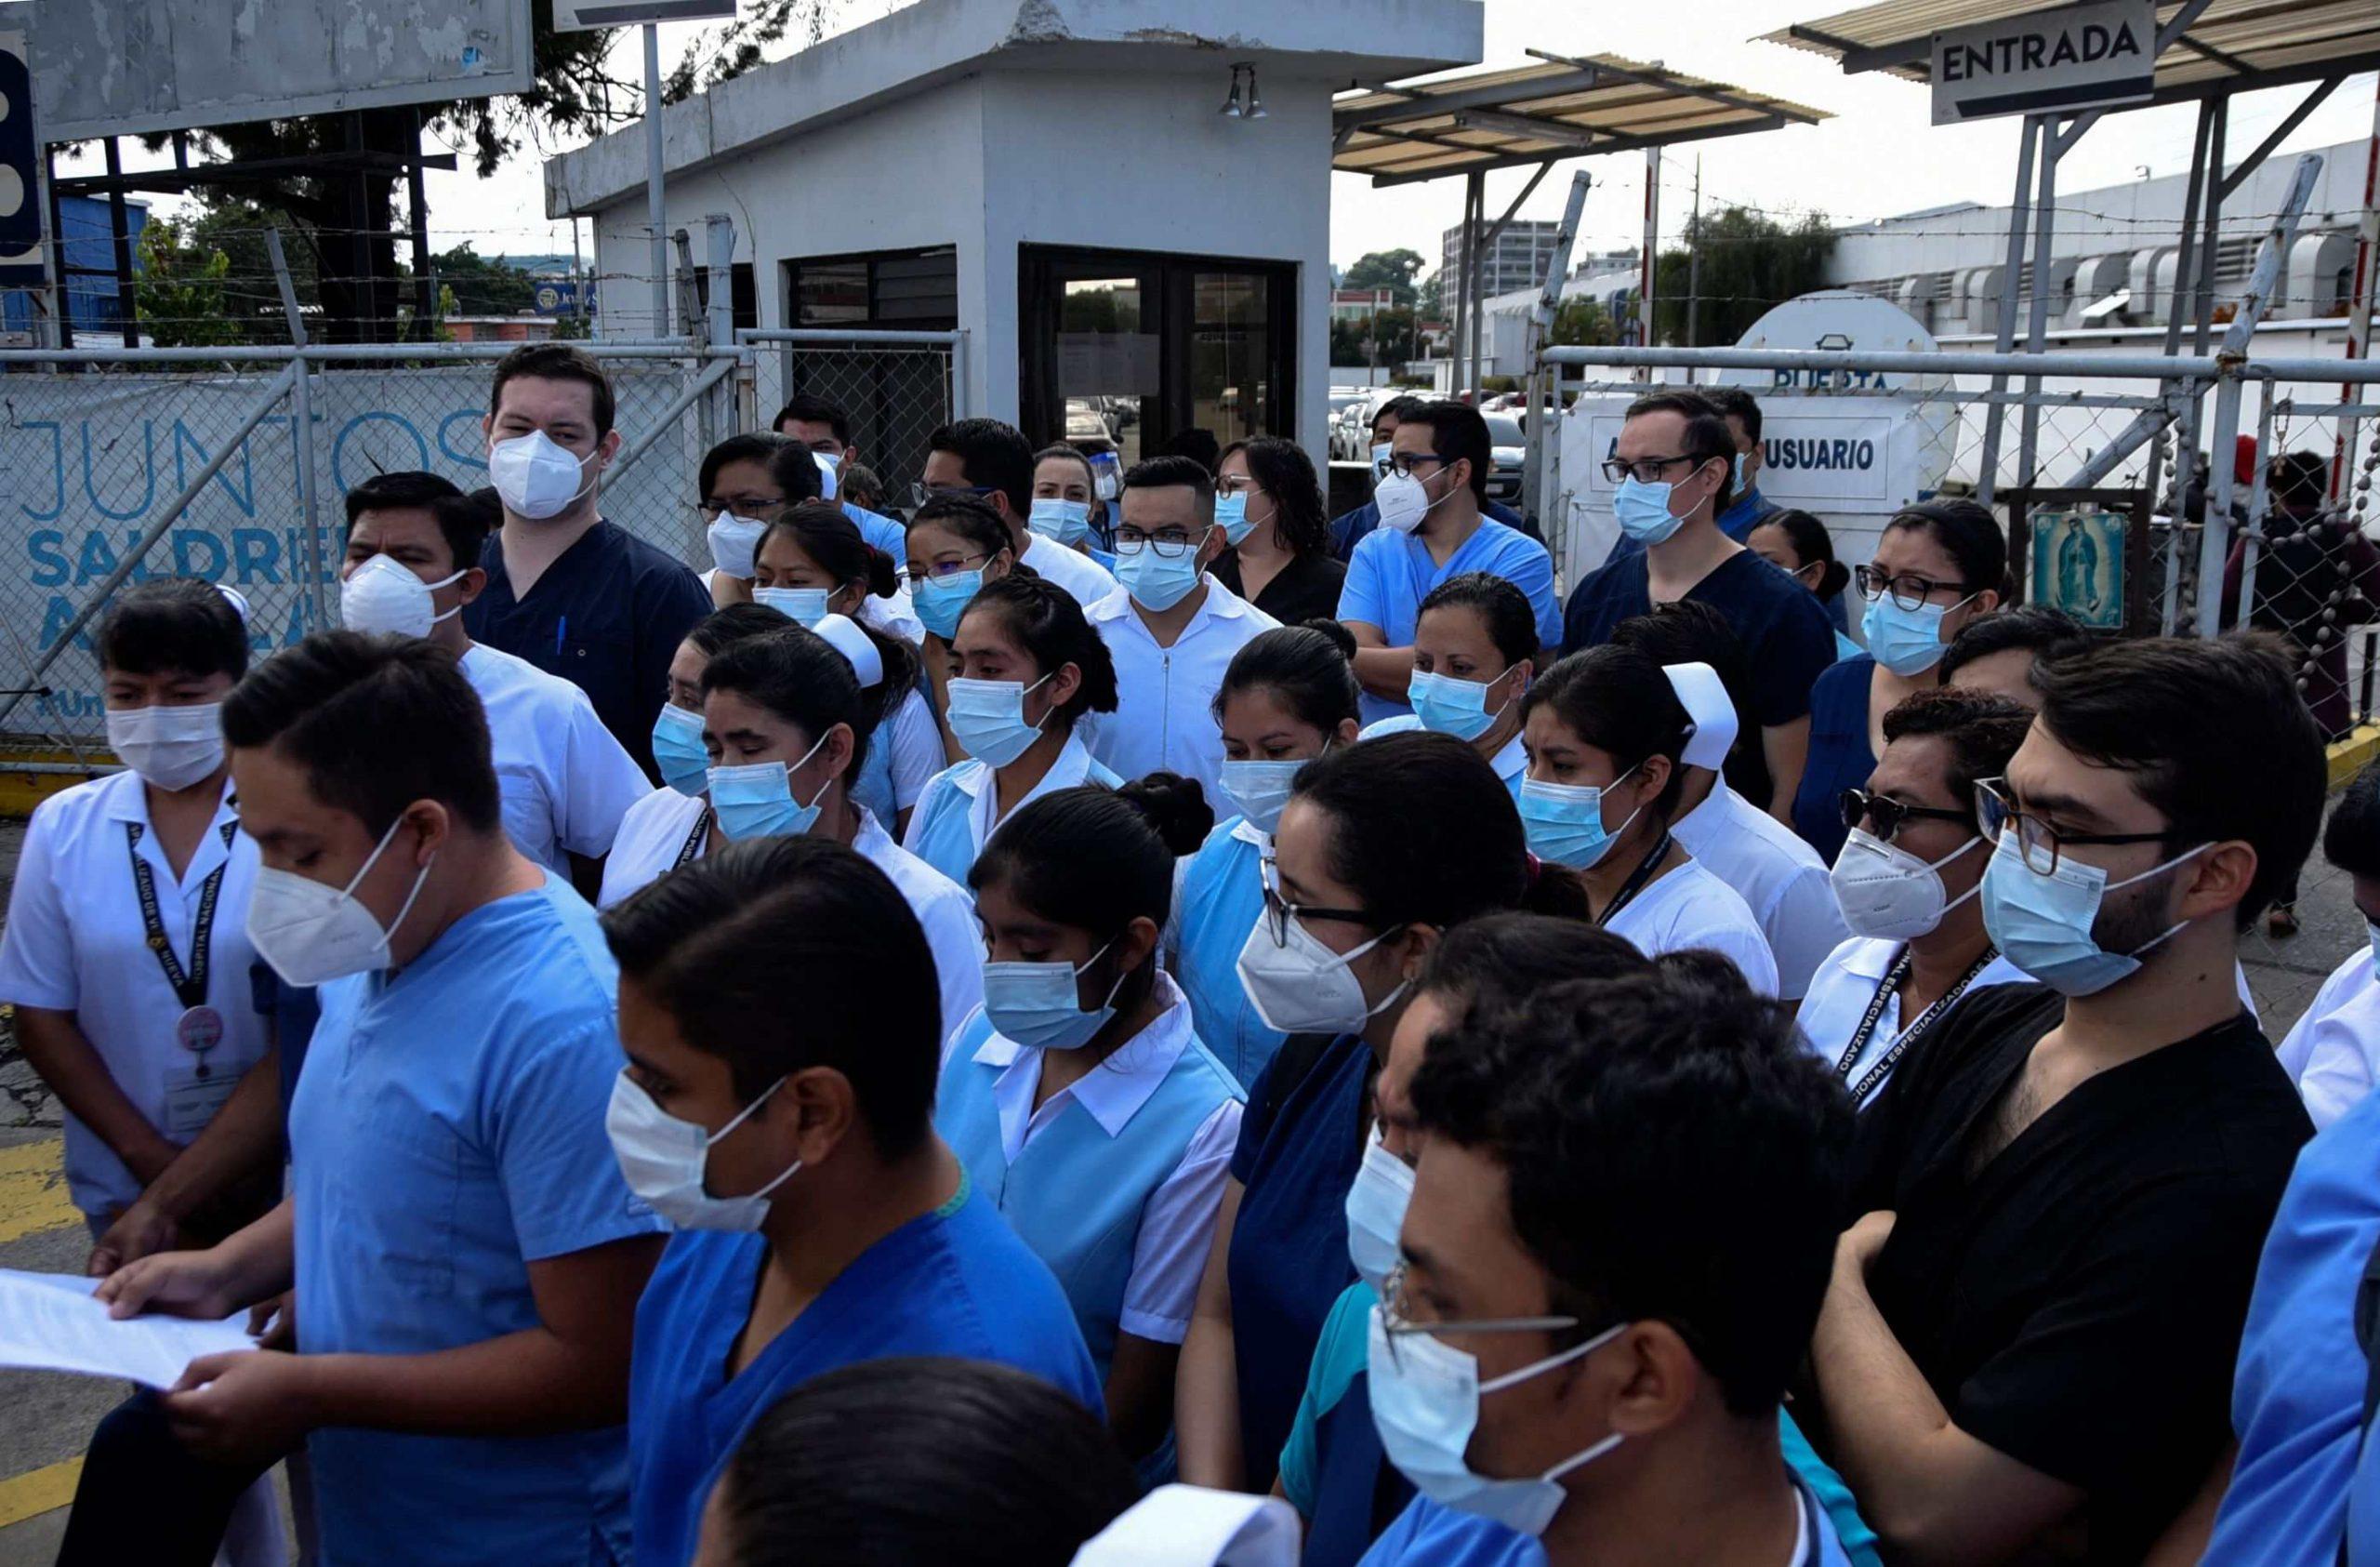 Disposiciones legislativas para contener la pandemia no logran convencer a la comunidad médica - Prensa Libre